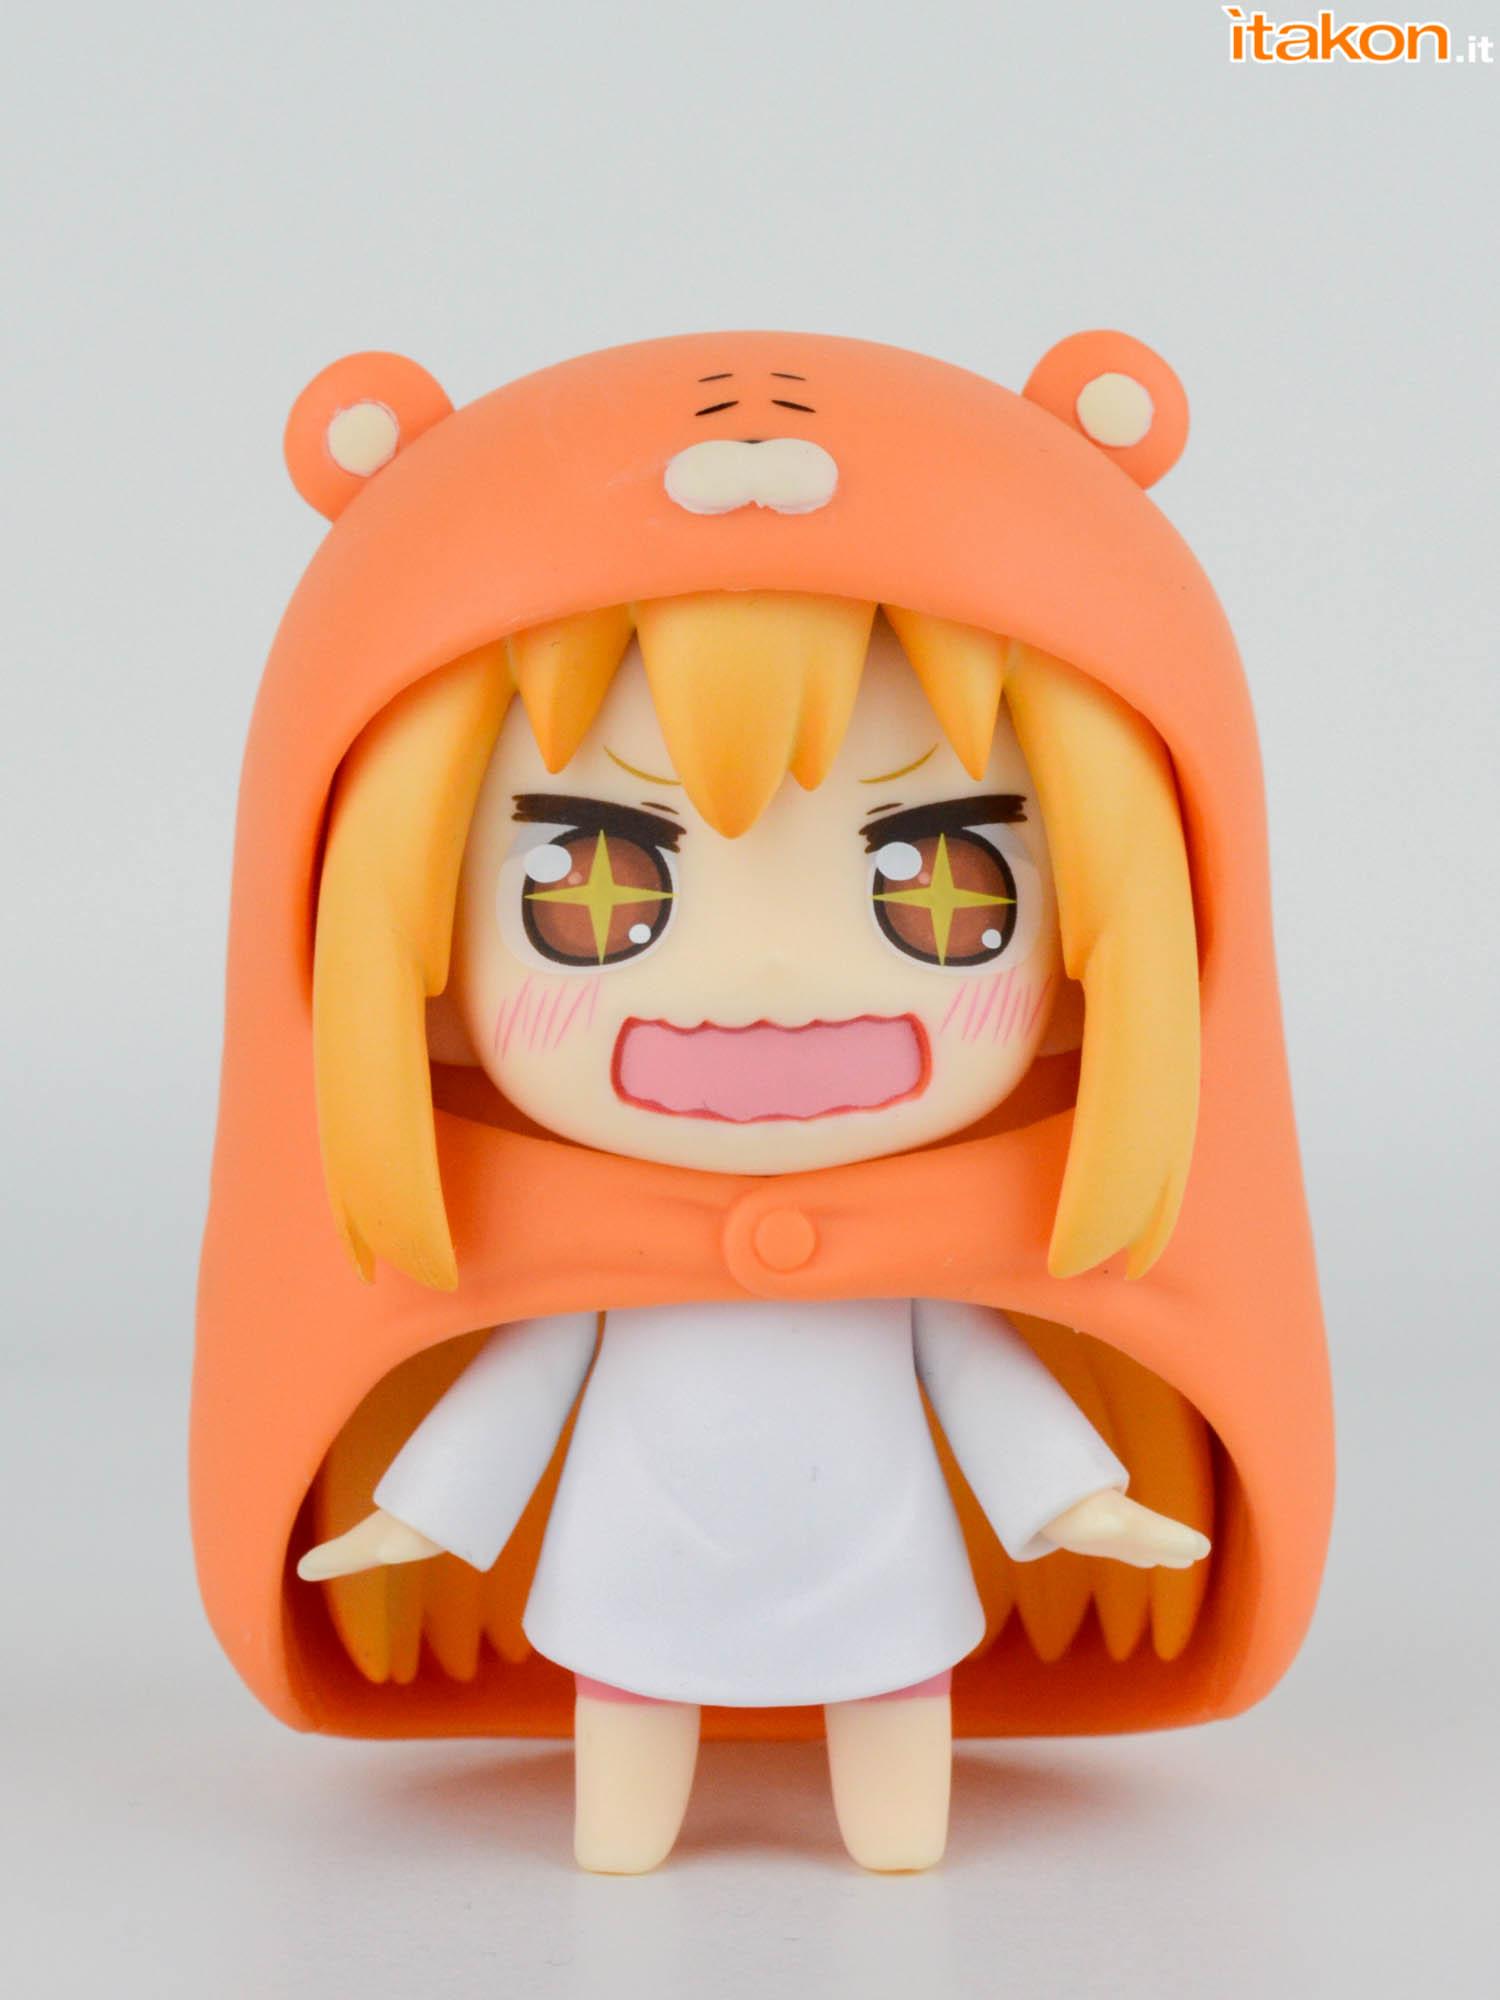 Umaru_Nendoroid_GSC_524_review-13